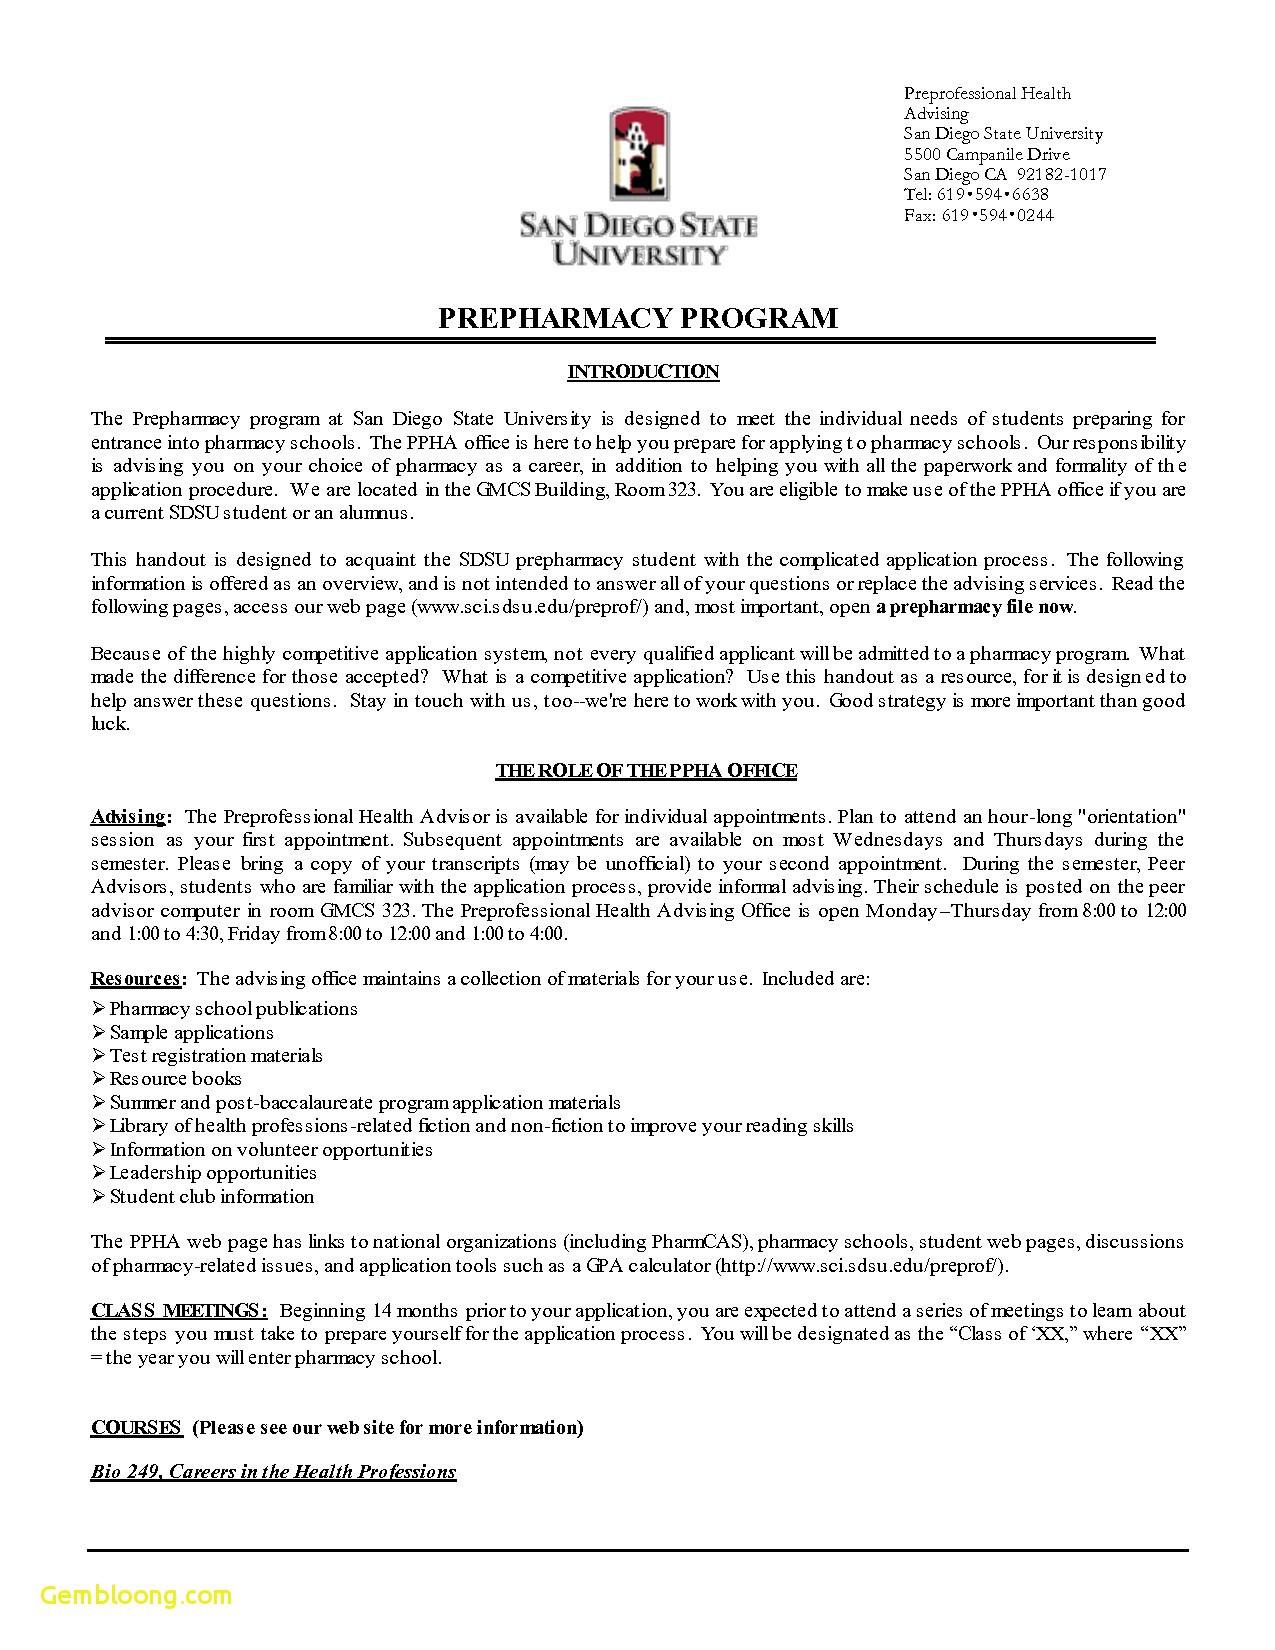 Resume Class Simple Pharmacy Resume Fresh Obama Resume 0d The Pharmacist Letter